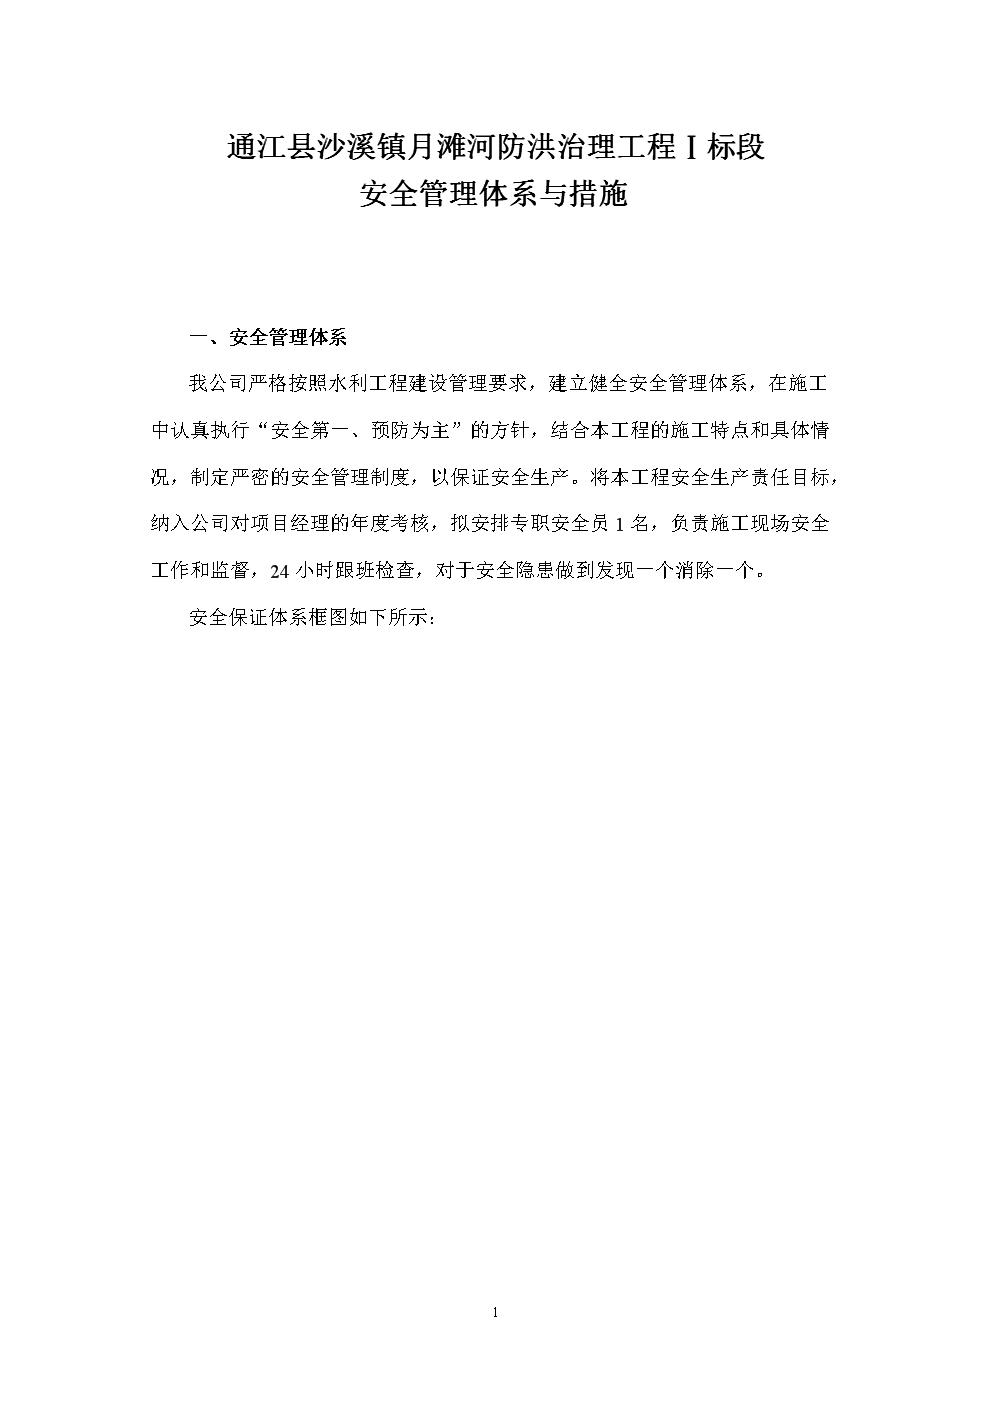 浅谈安全管理措施方案.doc